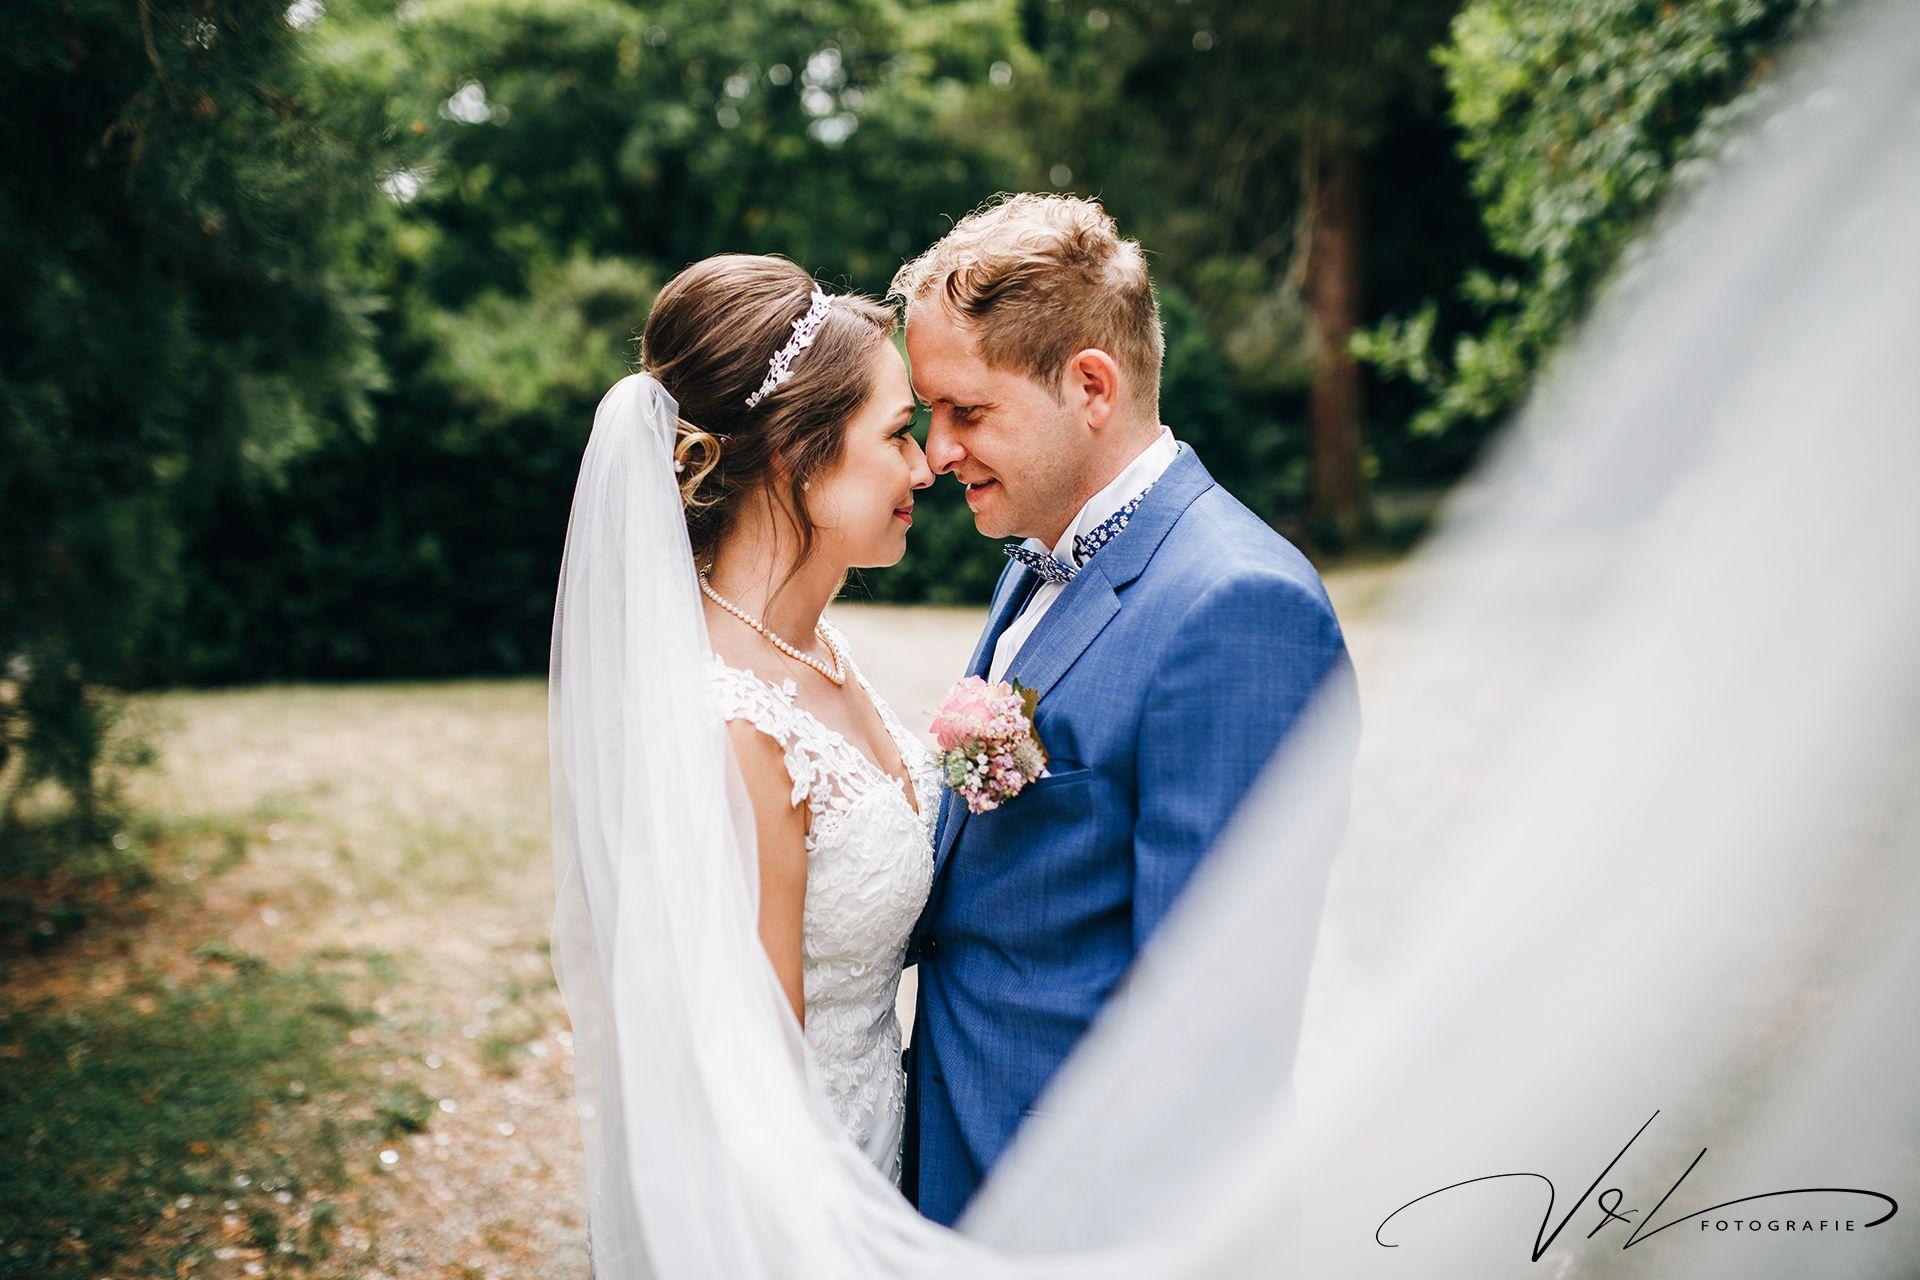 Hochzeitsbilder Braunfels Brautpaarshooting Im Kurpark Braunfels Hochzeitsbild Im Schlosspark Braunfels Ho Fotos Hochzeit Hochzeit Bilder Hochzeitsfotograf